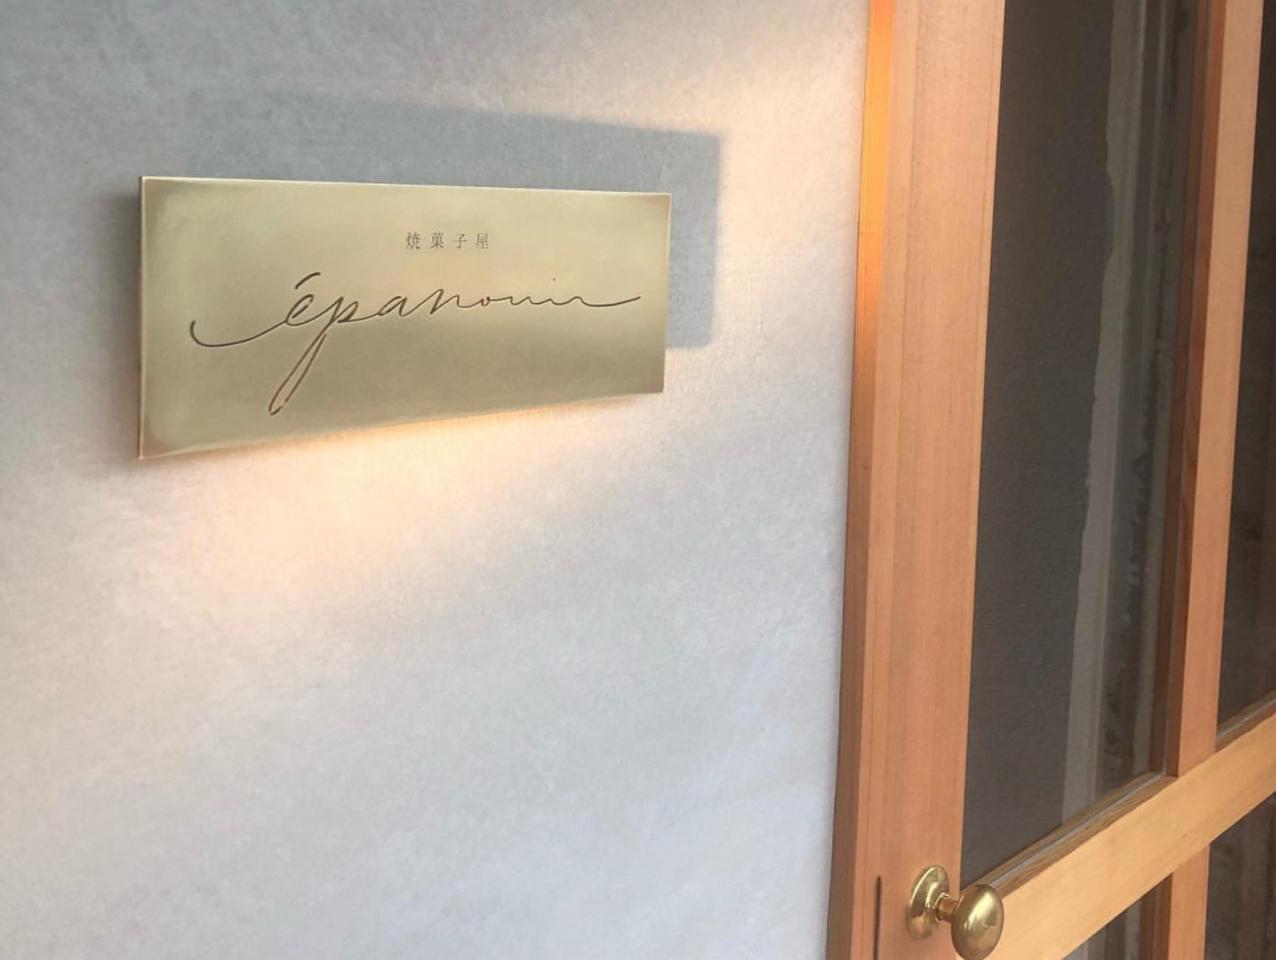 たくさんの笑顔が生まれますように... 浜松市西区入野町に焼菓子屋『エパヌウィール』明日オープン